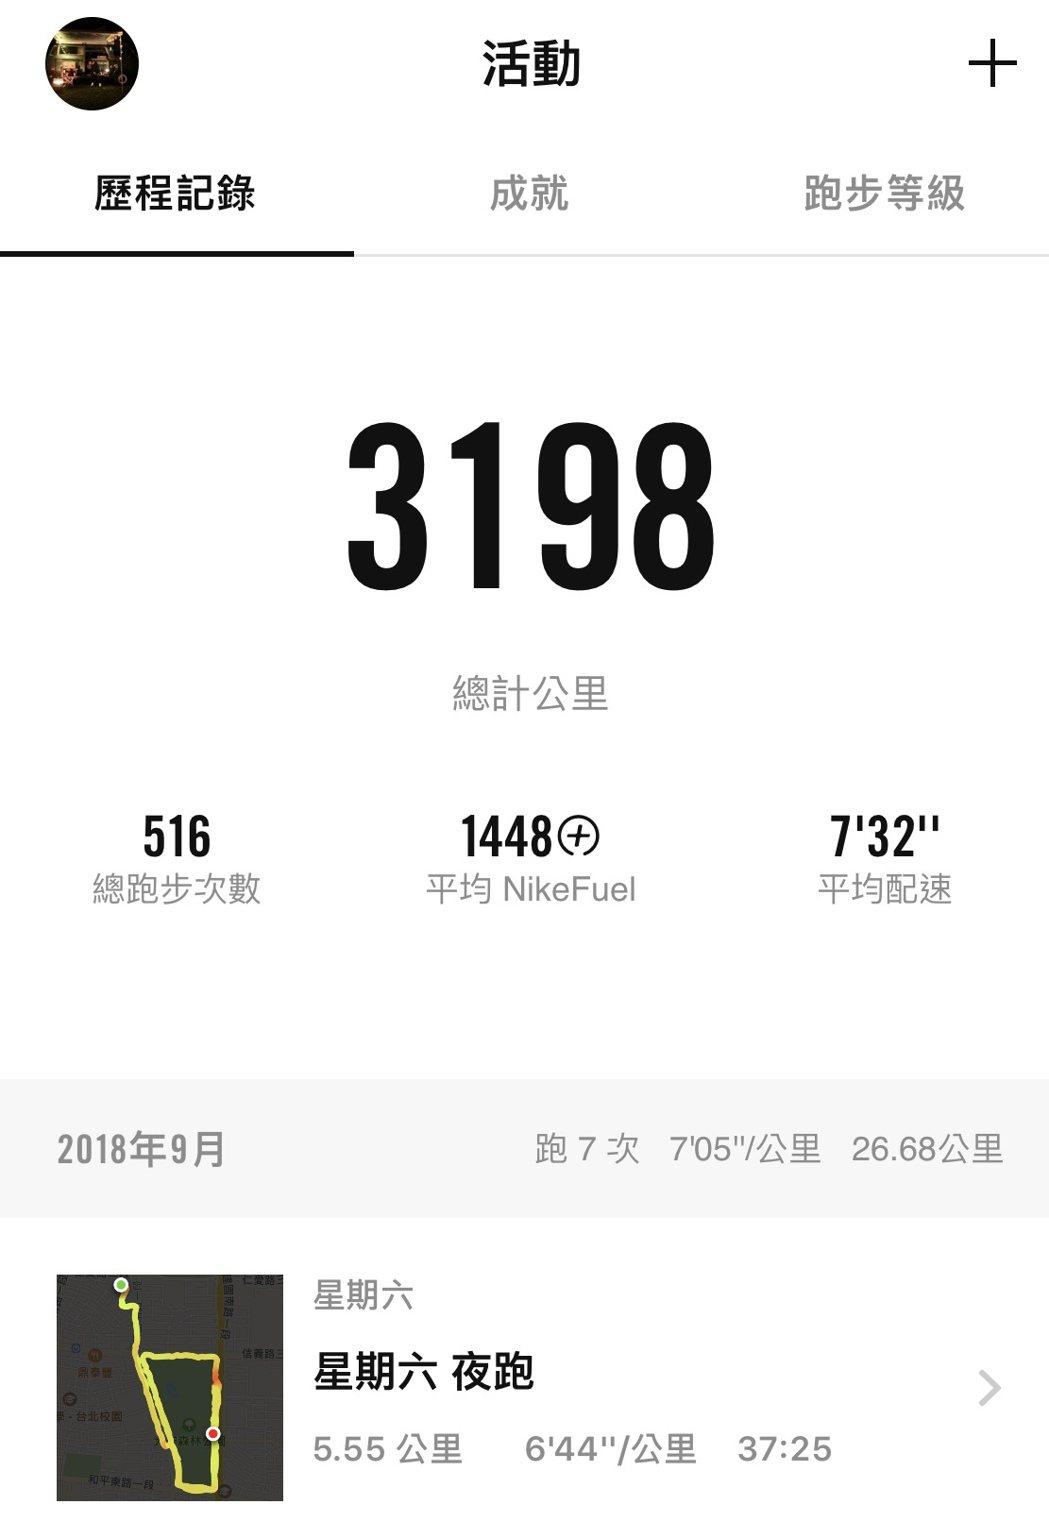 陳意涵秀出跑步的APP,開心宣佈自己已跑了3198公里。圖/經紀人岳潼提供